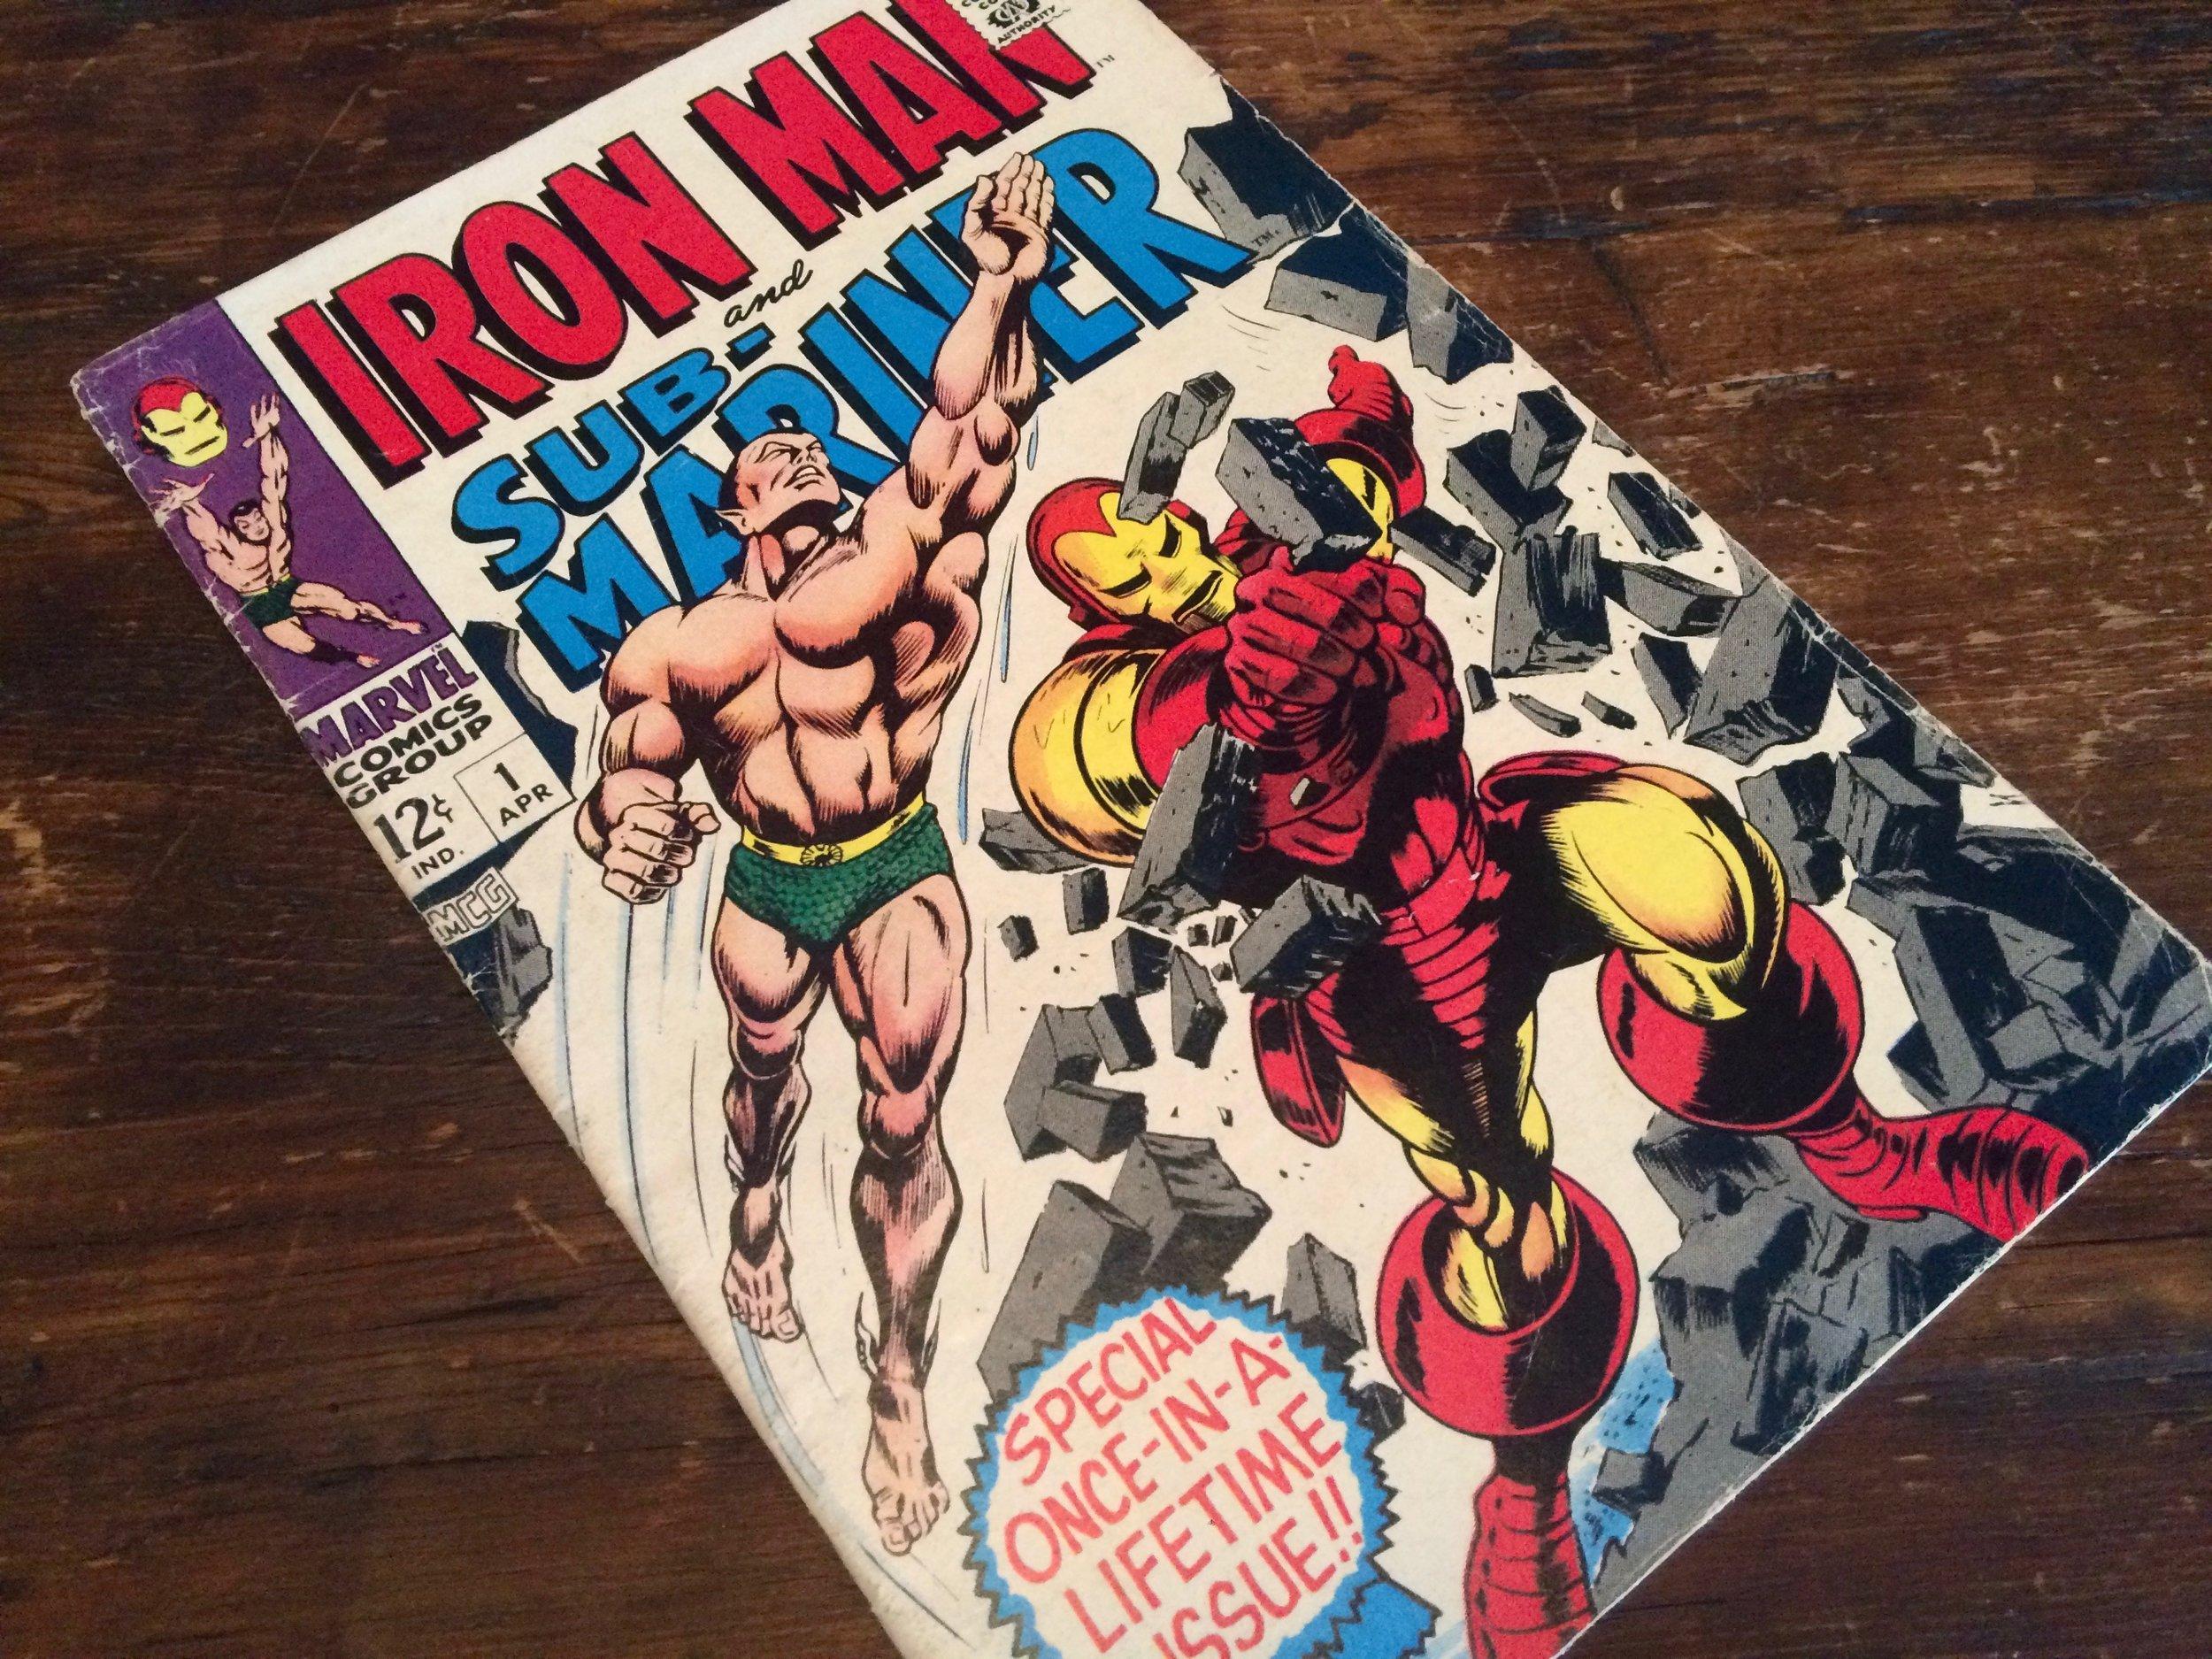 Iron Man & Sub-Mariner #1 1968